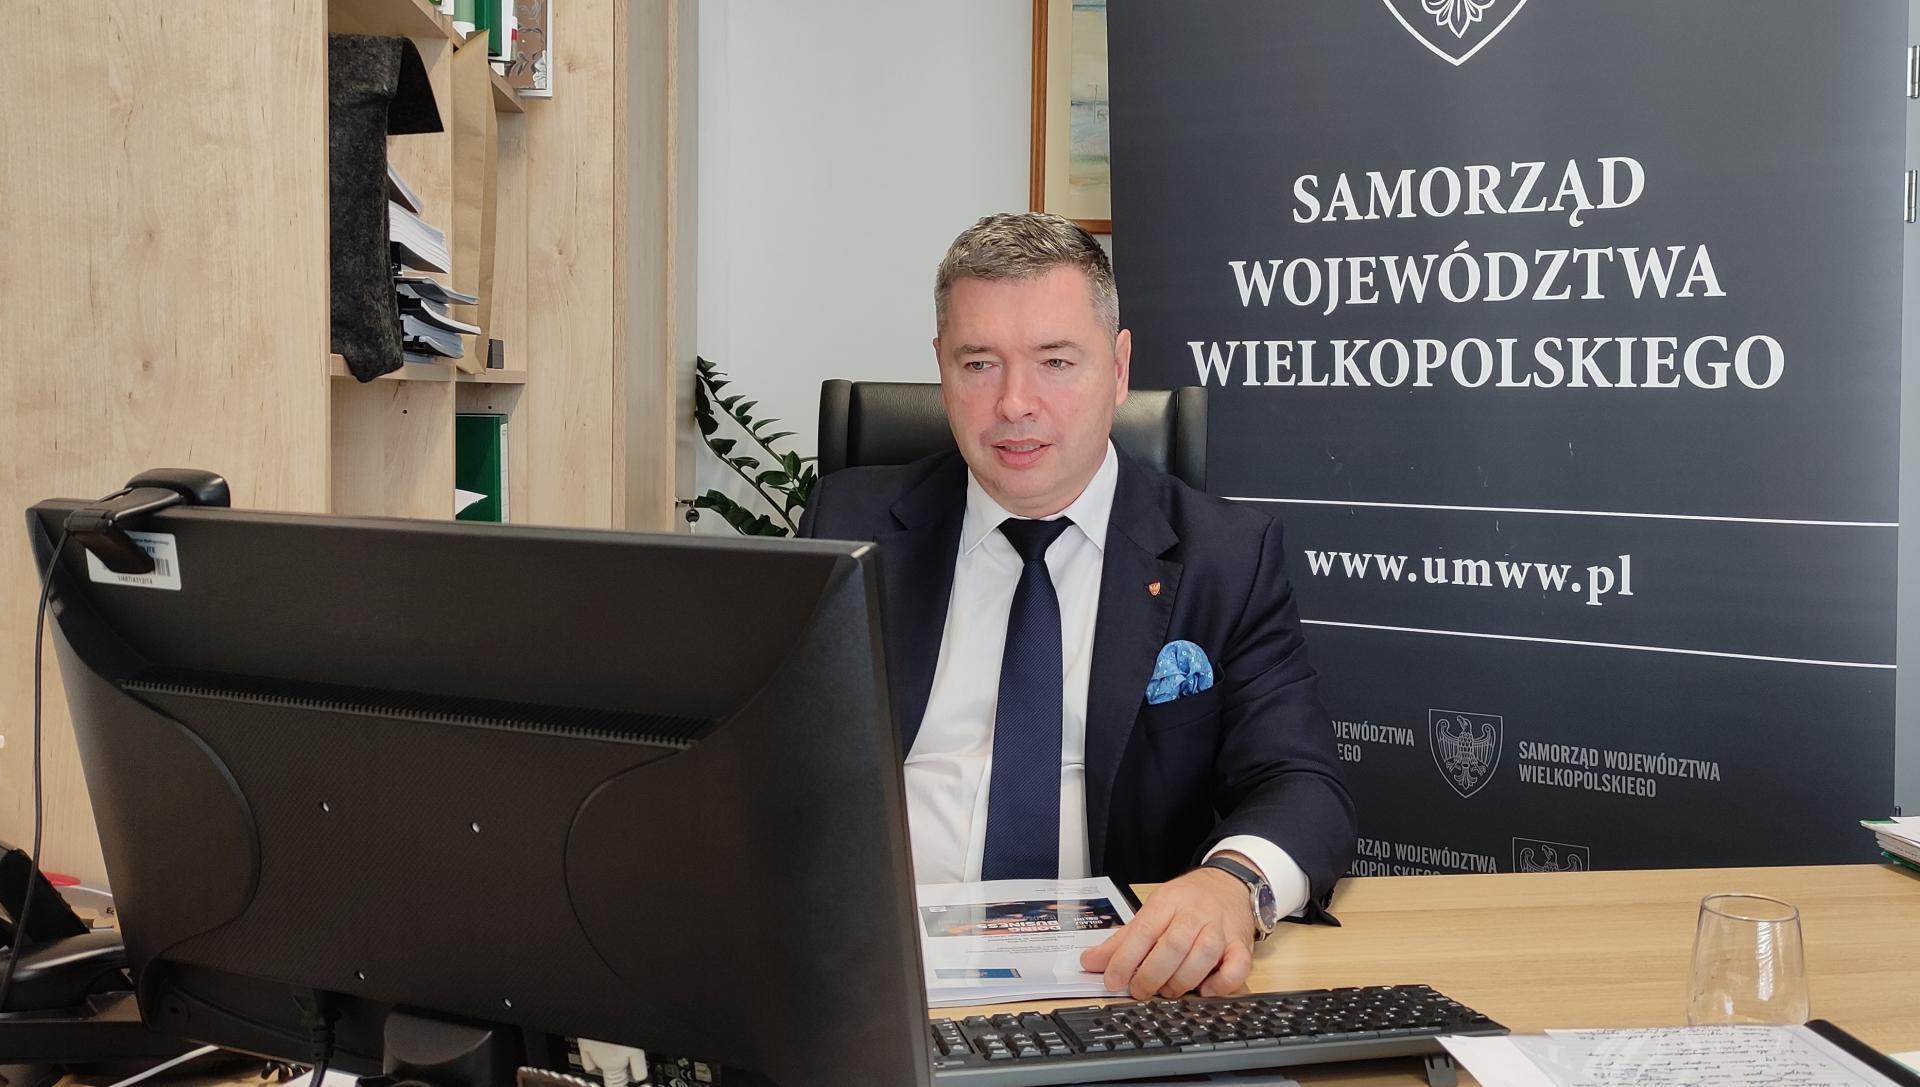 Konferencja on-line